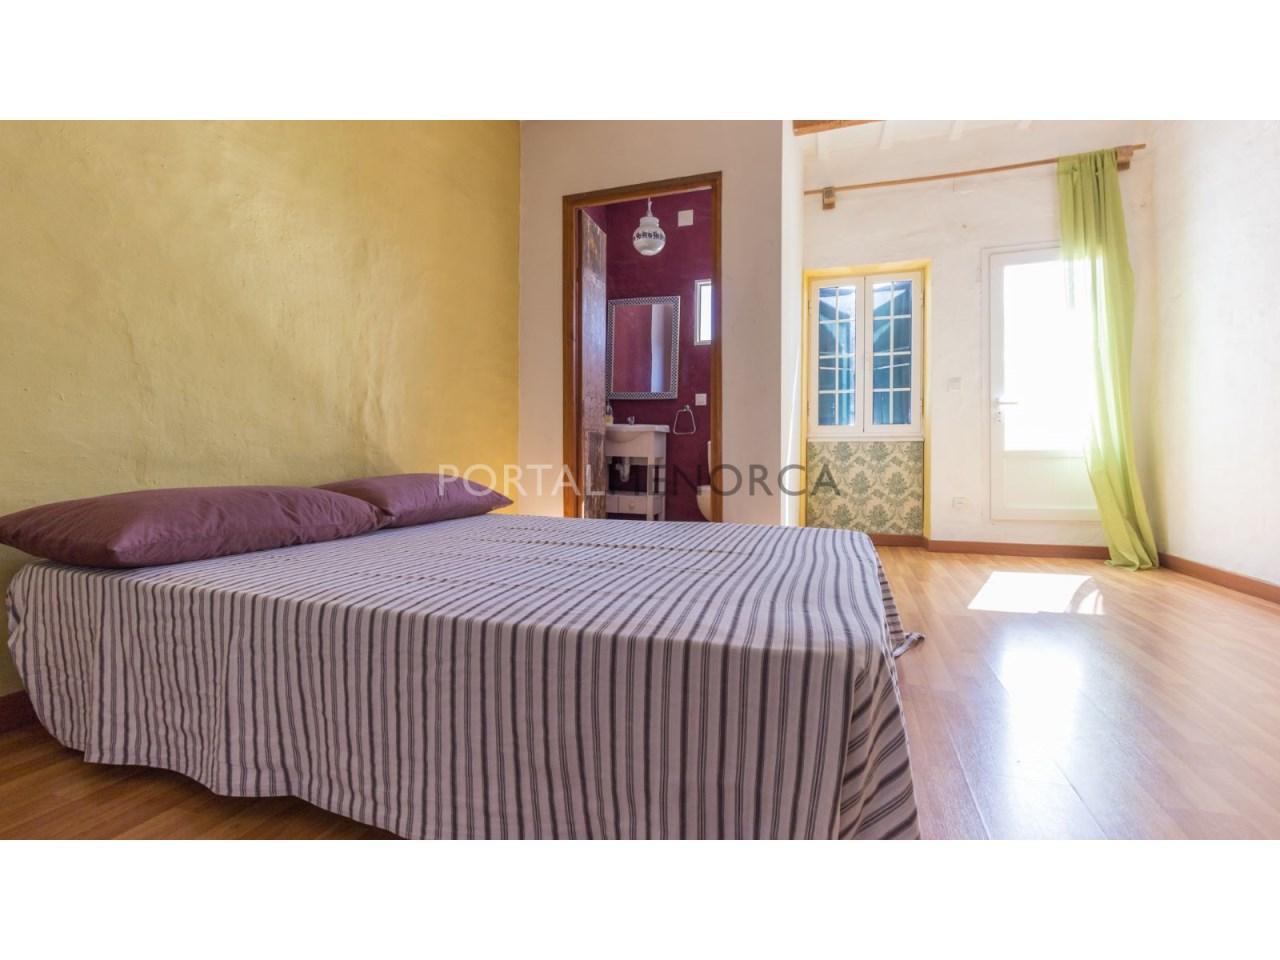 casa con patio en venta en Alaior (12 de 17)